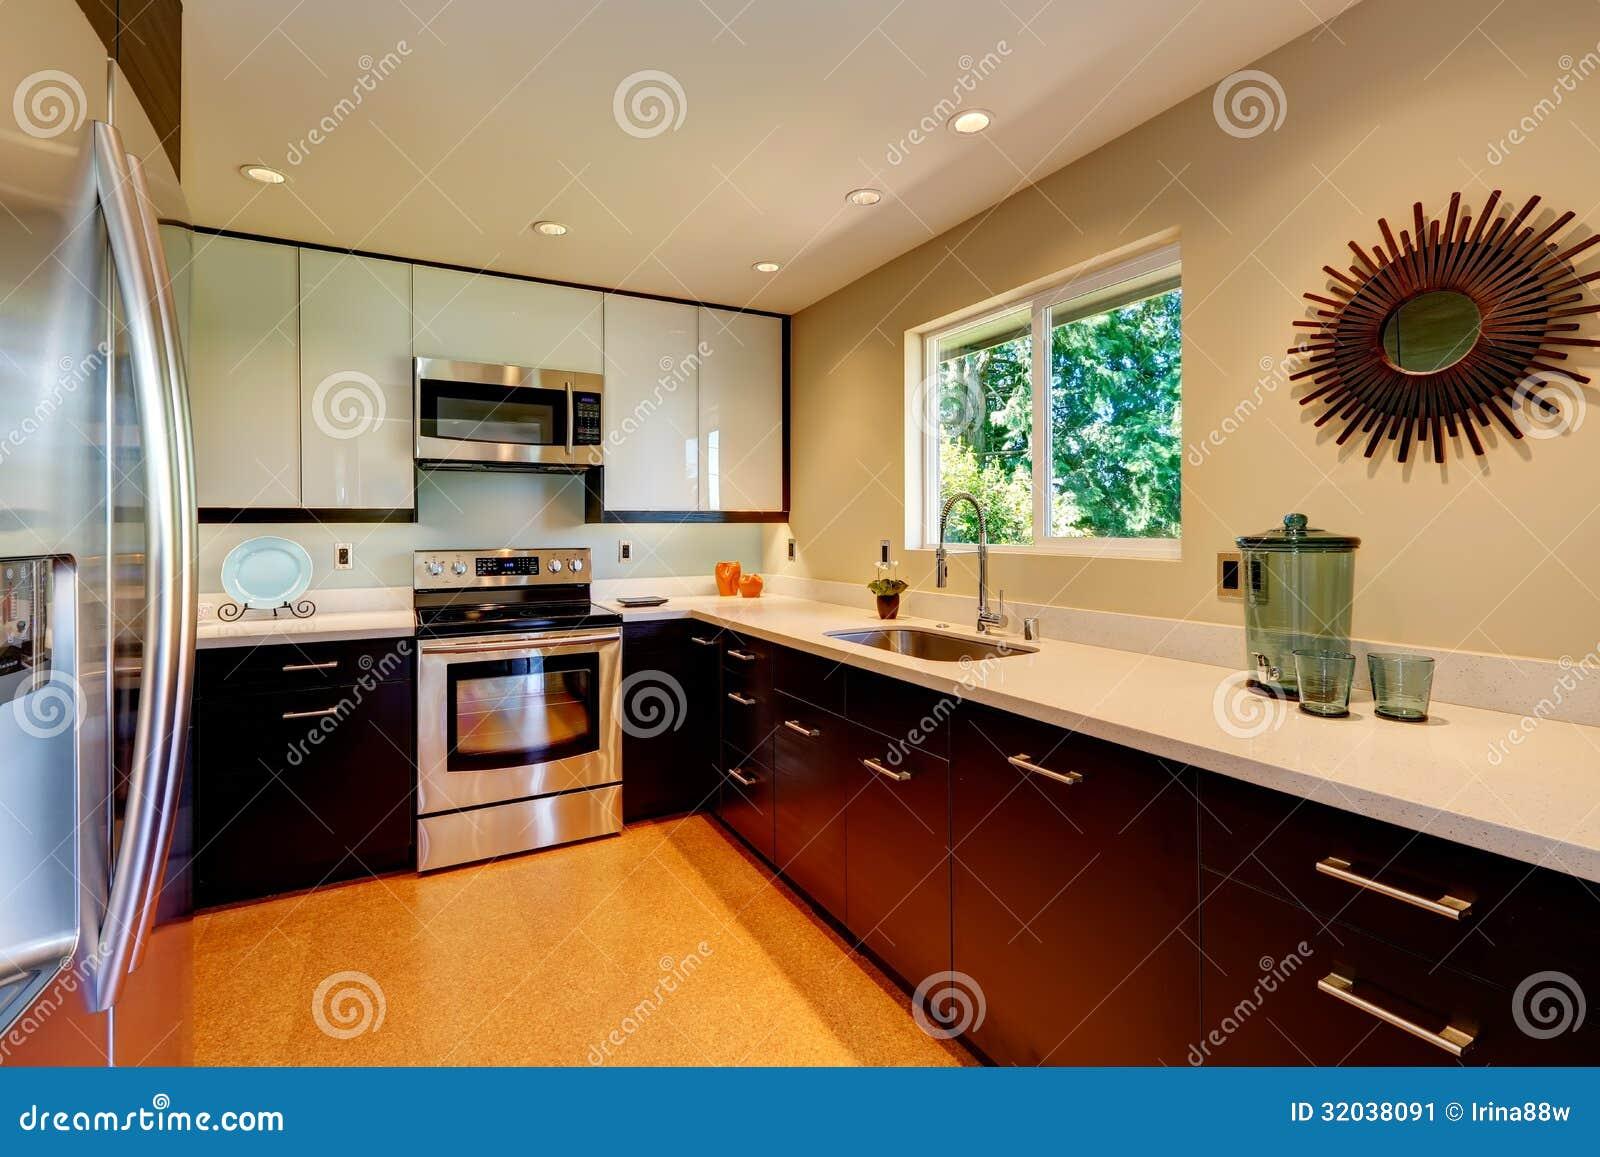 Cozinha Moderna Com Os Arm Rios Novos Brancos Das Bancadas Os